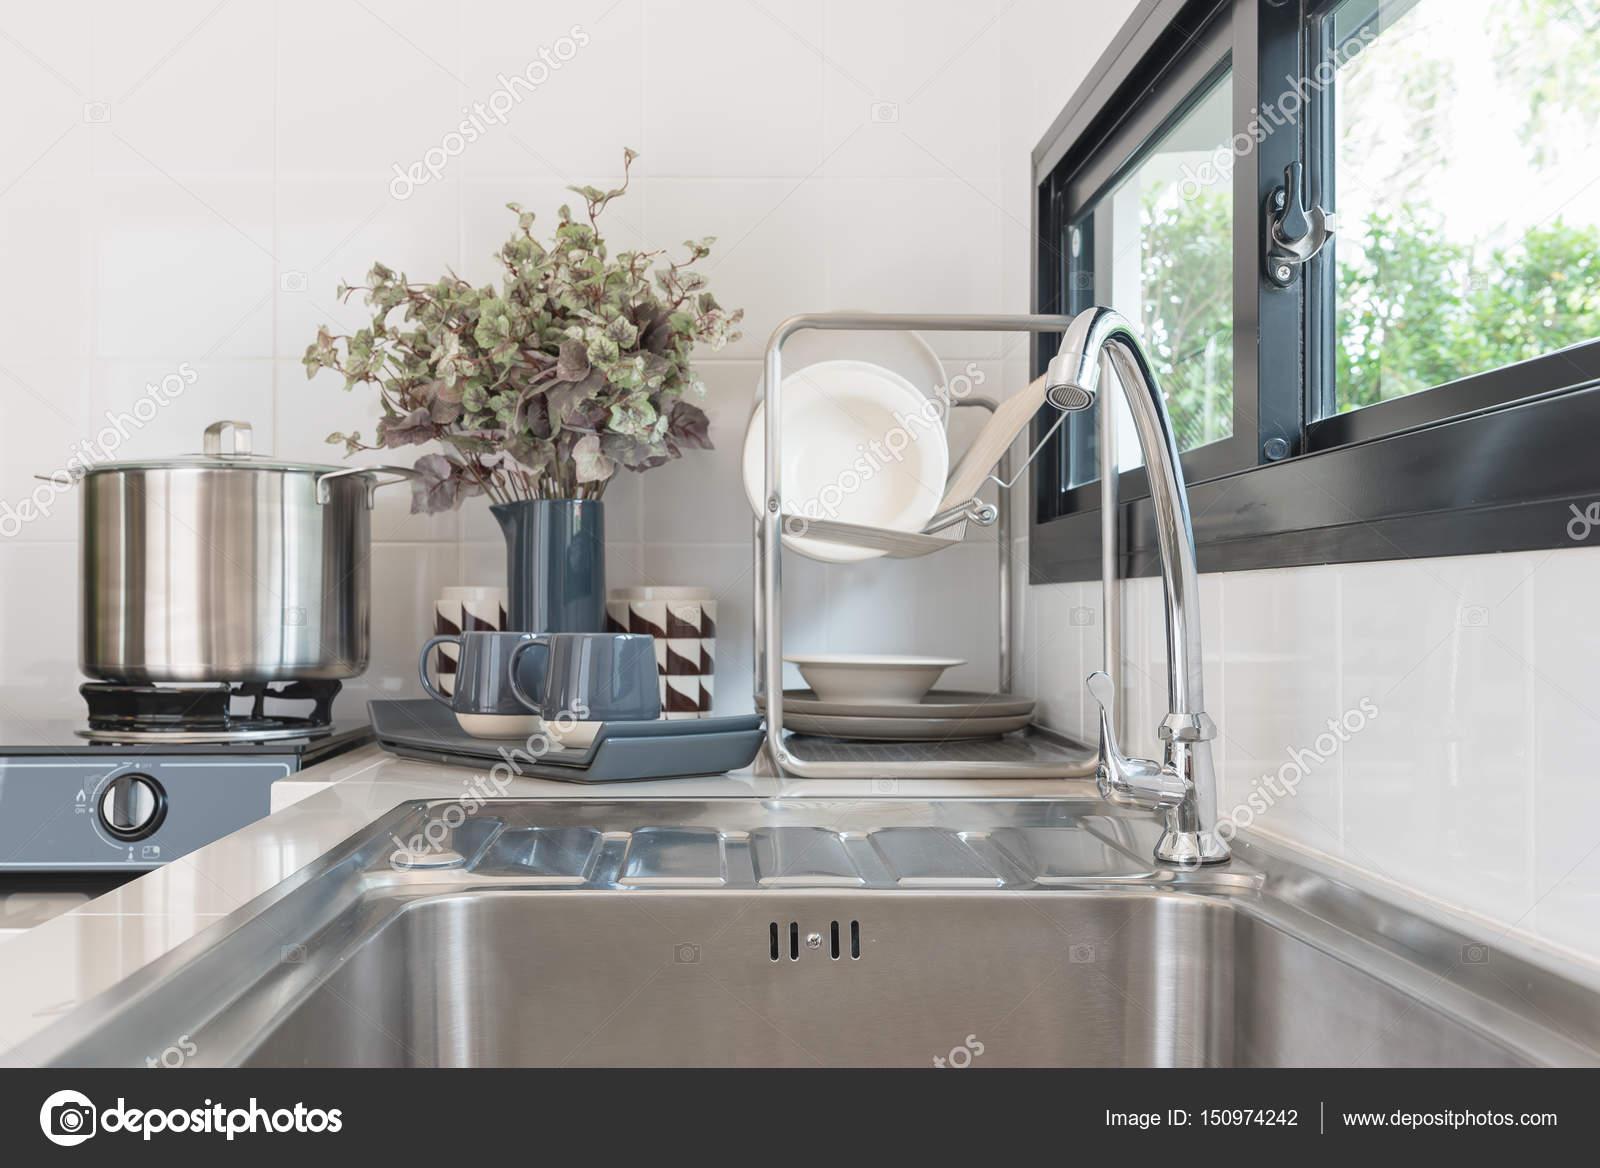 Projeto De Sala Cozinha Moderna Com Torneira E Pia Stock Photo